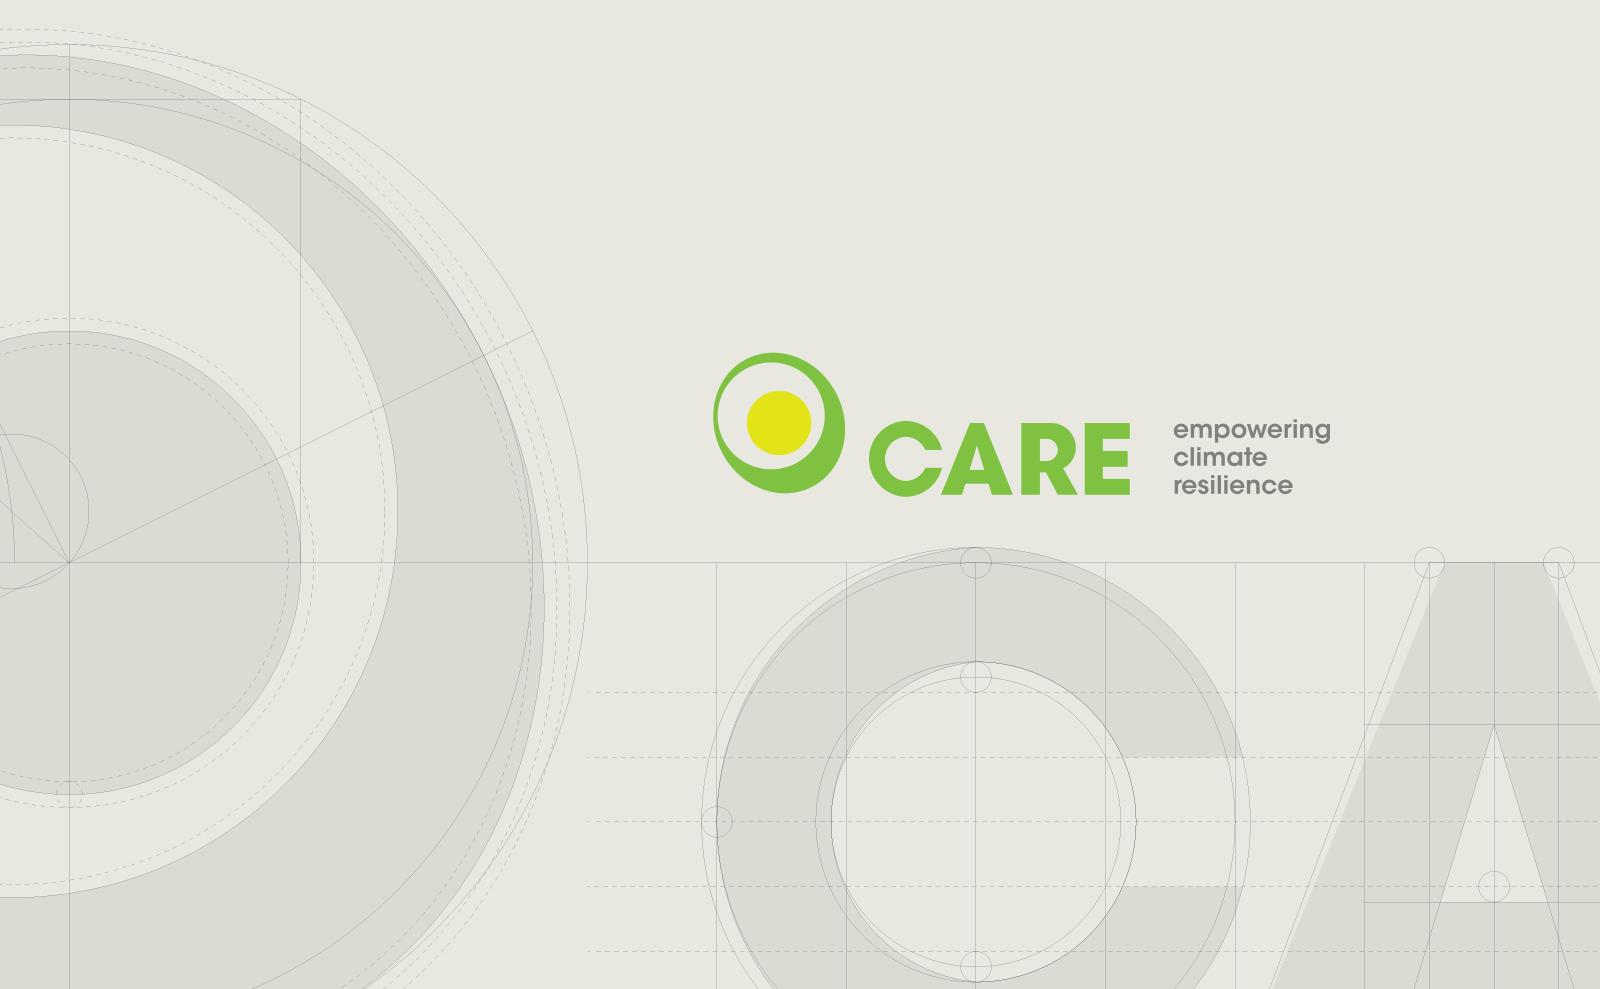 Il logo esteso del progetto Care